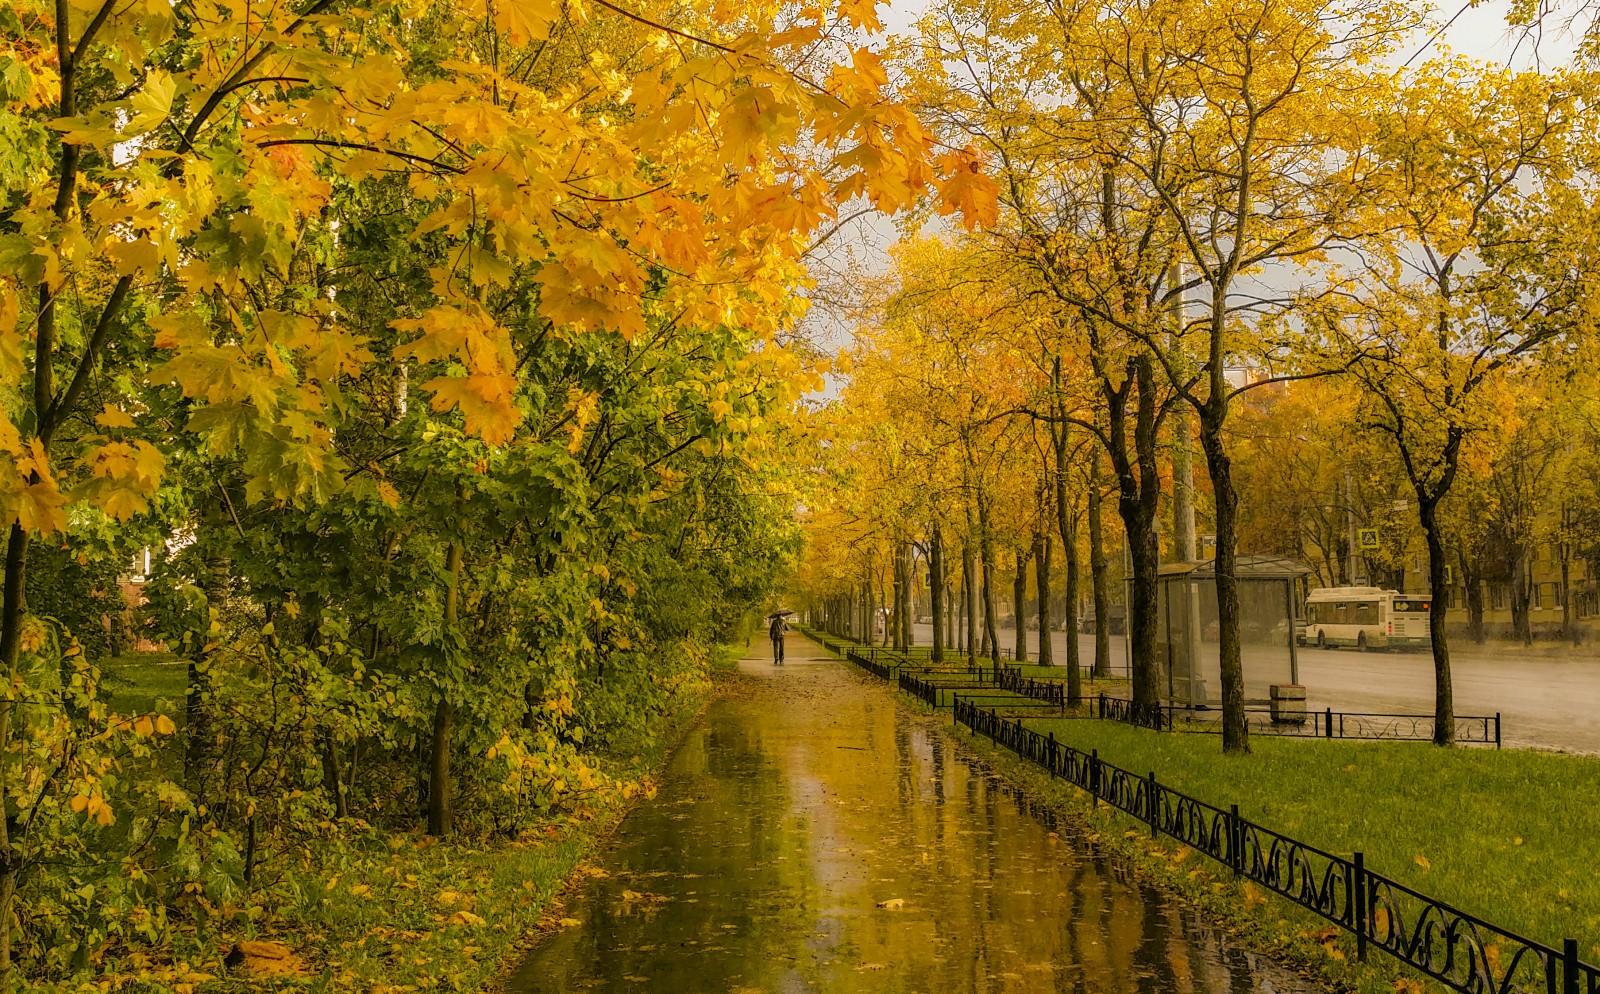 Осень дождь фото красивые, картинка животные картинки